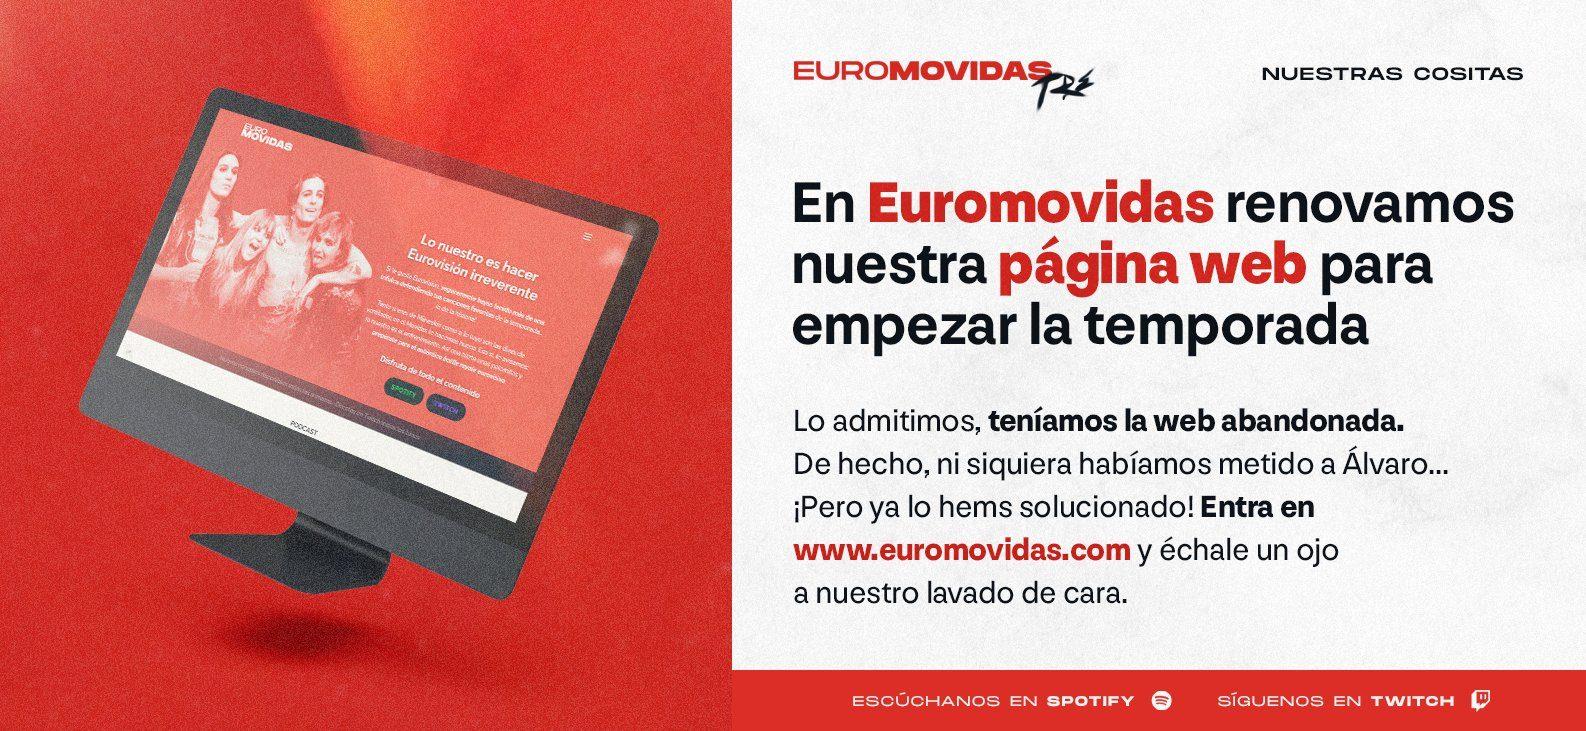 euromovidas